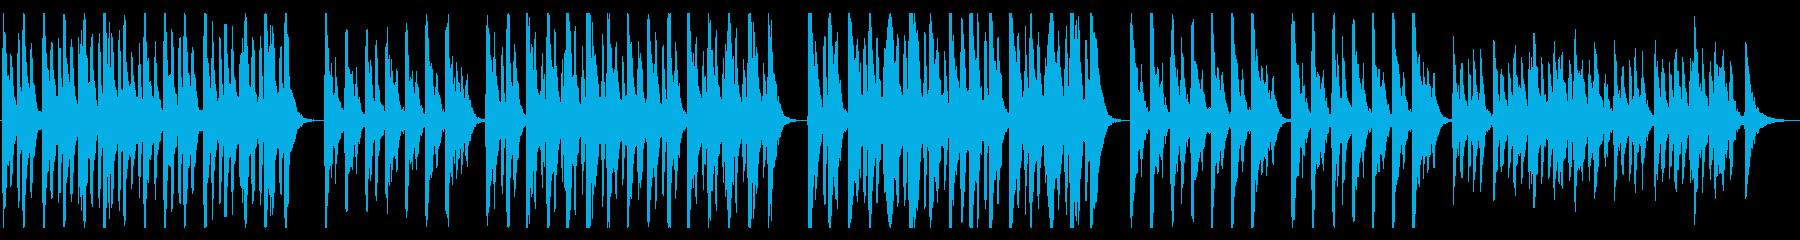 ストリングスとセンチメンタルなリコーダーの再生済みの波形